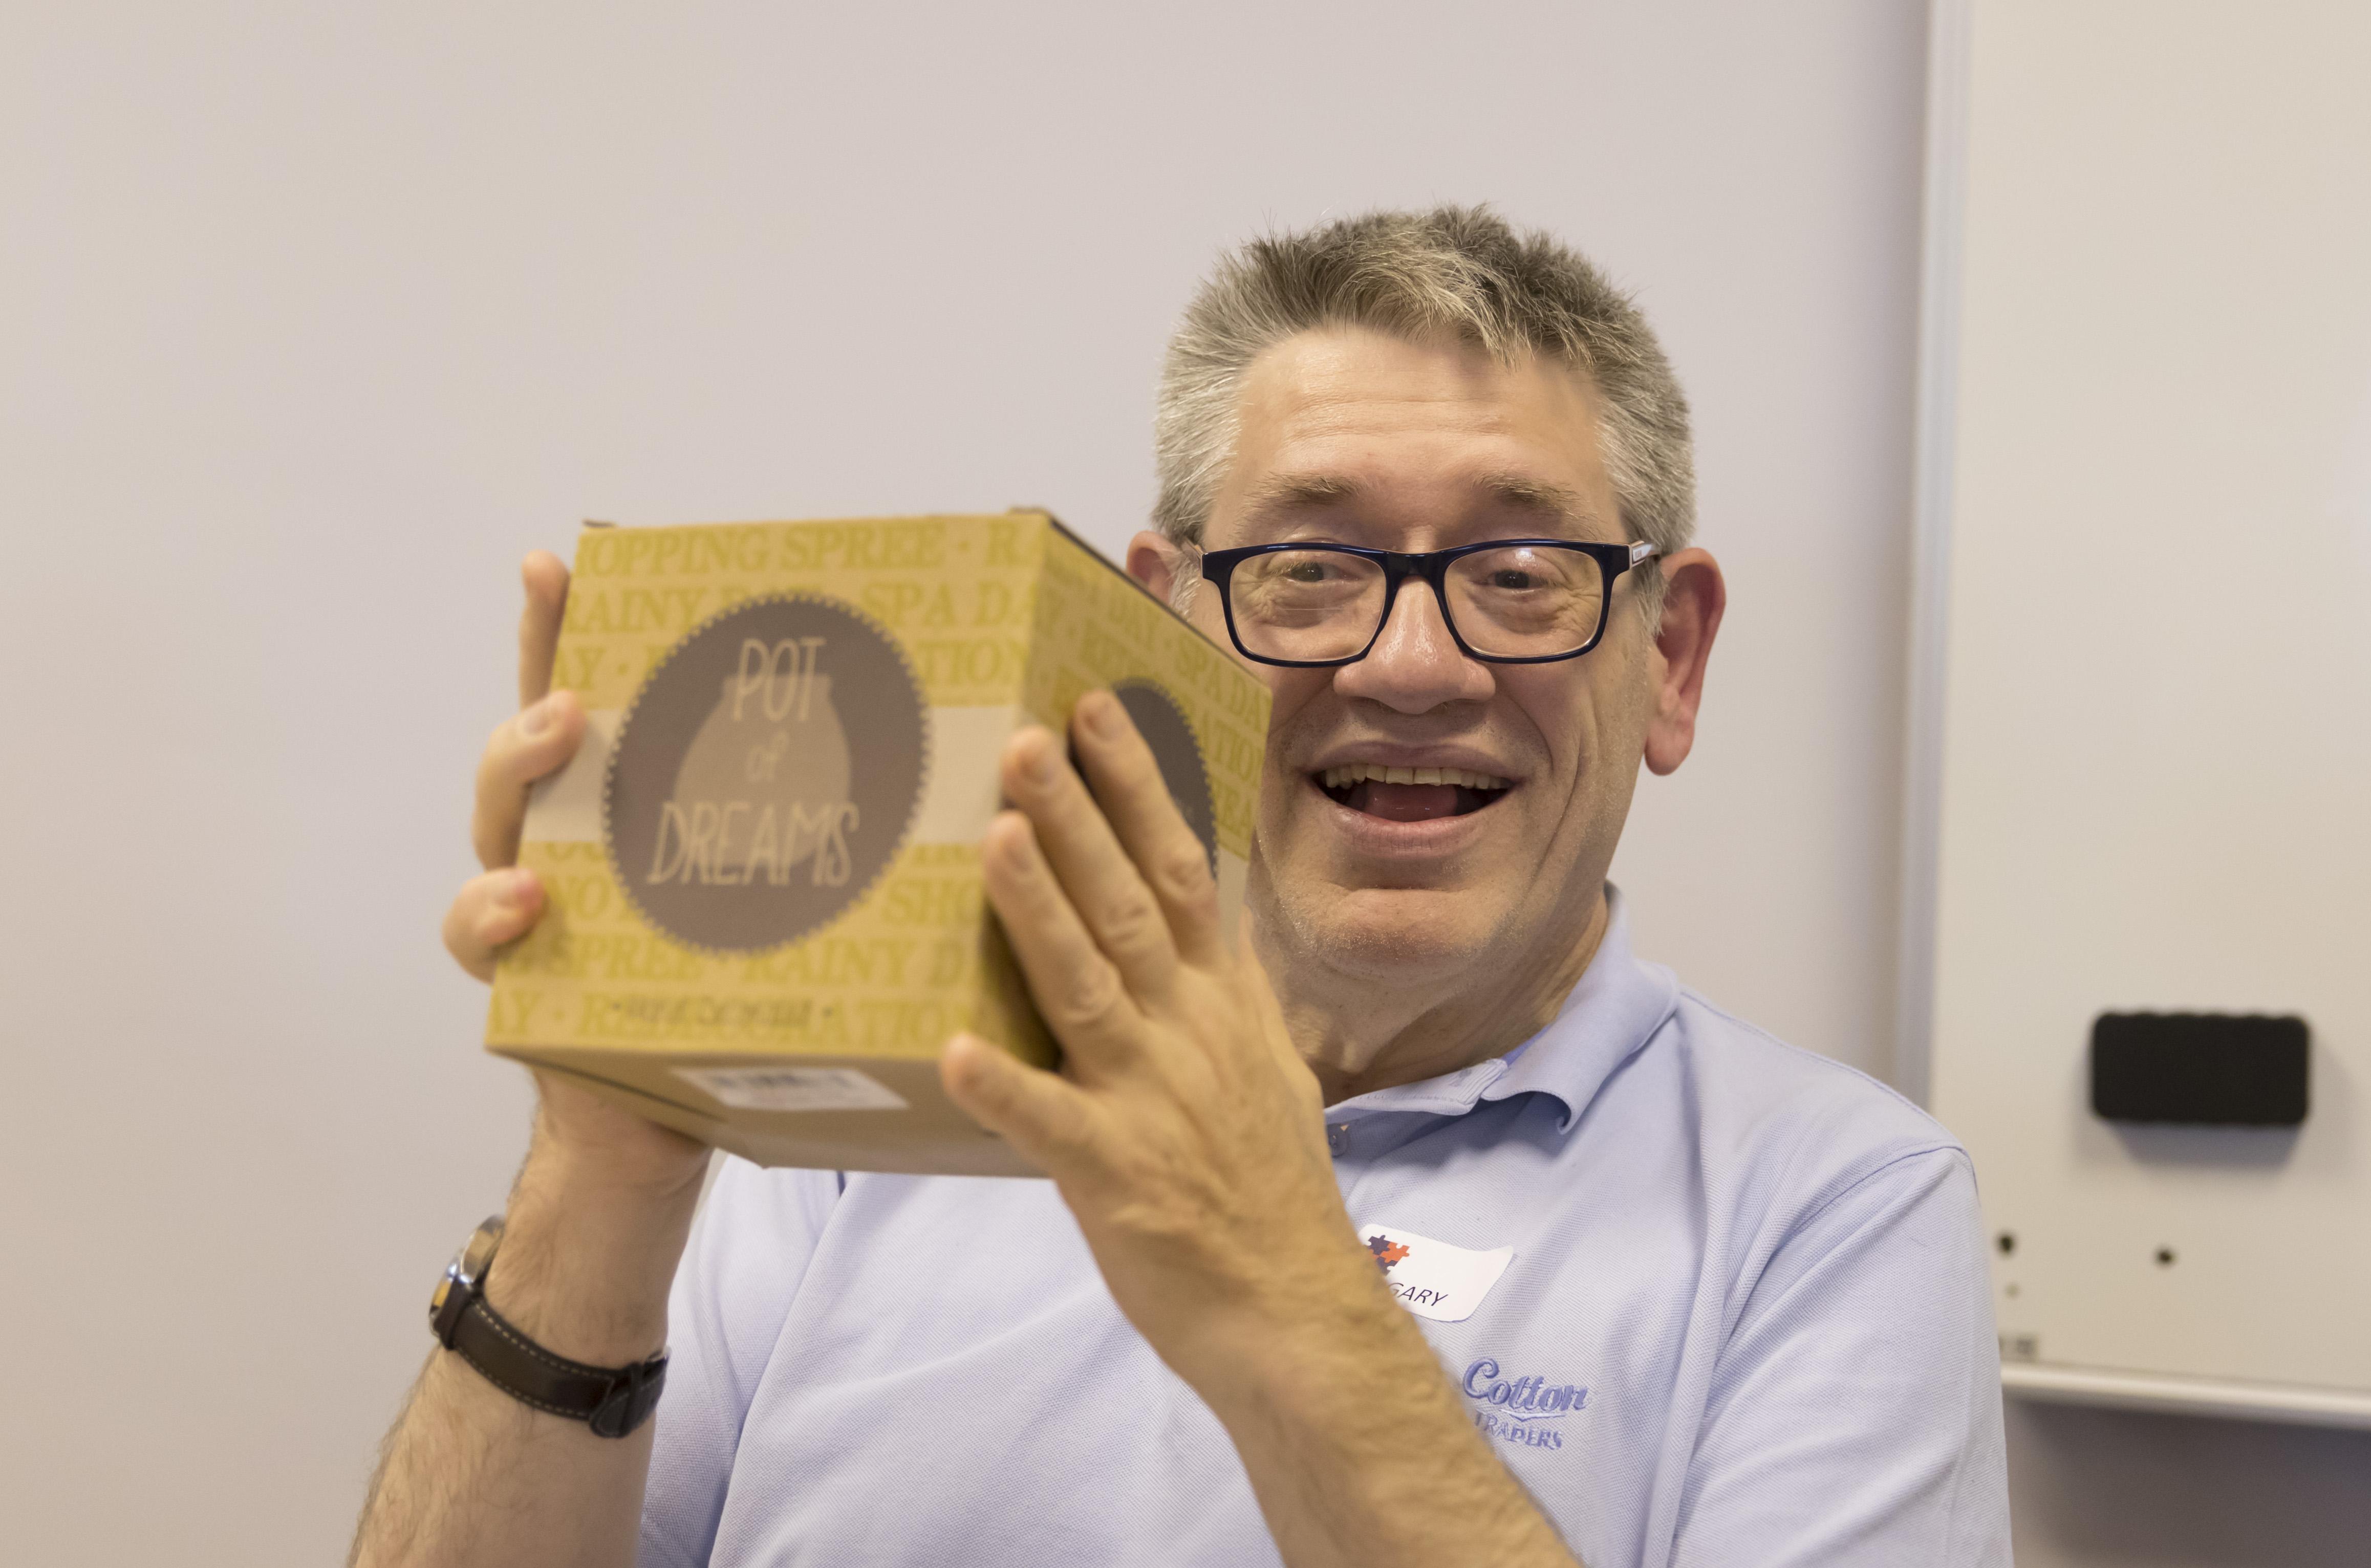 Gary winning a raffle prize